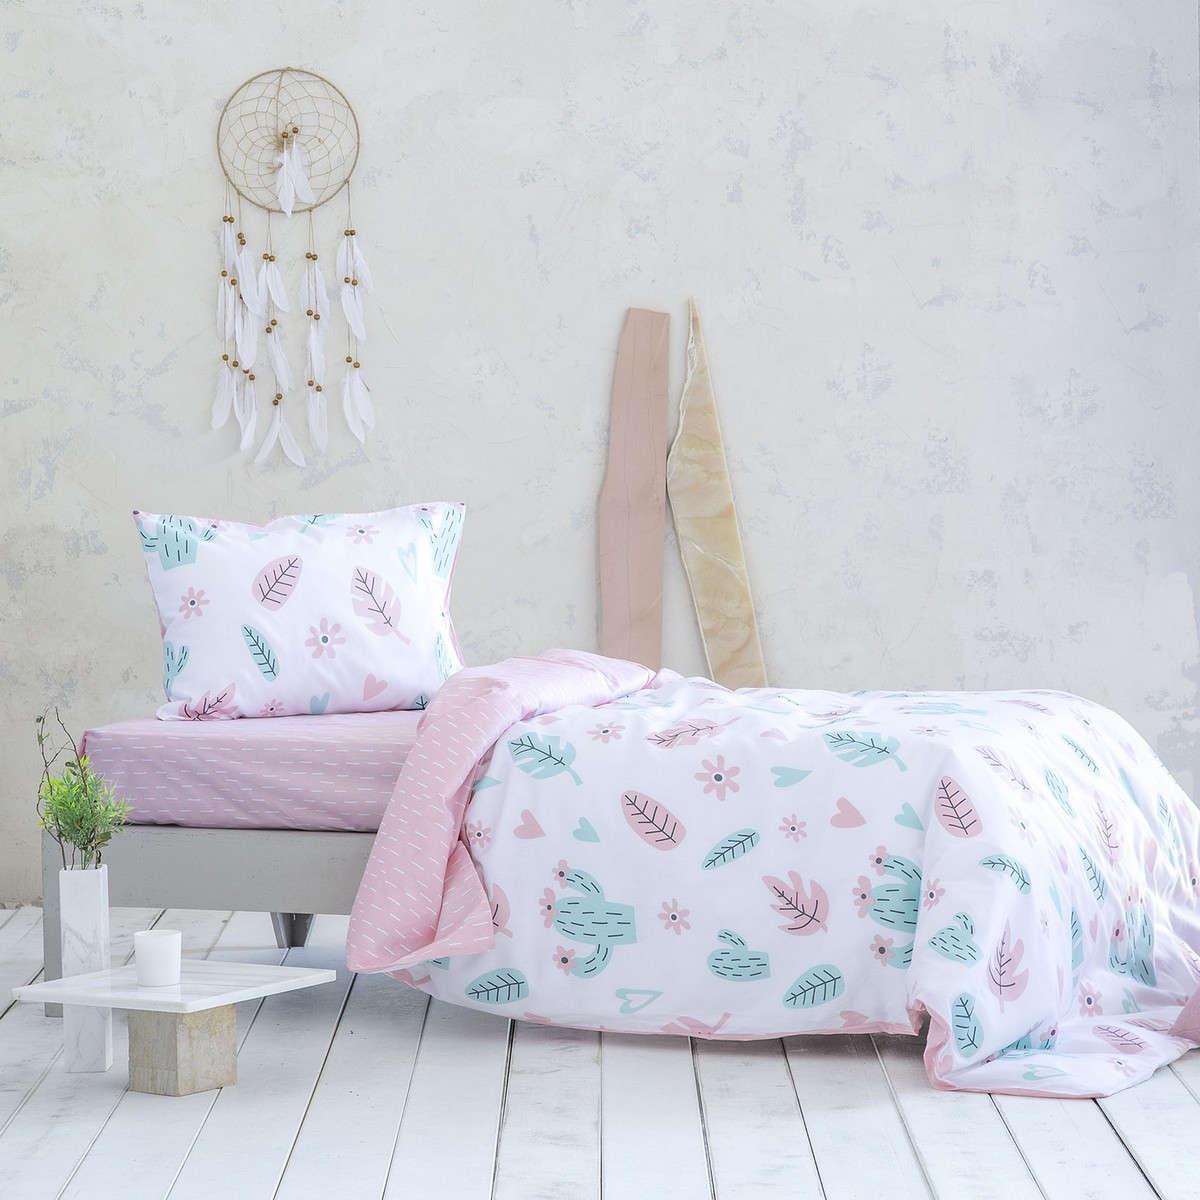 Σεντόνια Παιδικά Σετ 3τμχ Flower Cactus Pink-Green Nima Μονό 170x255cm